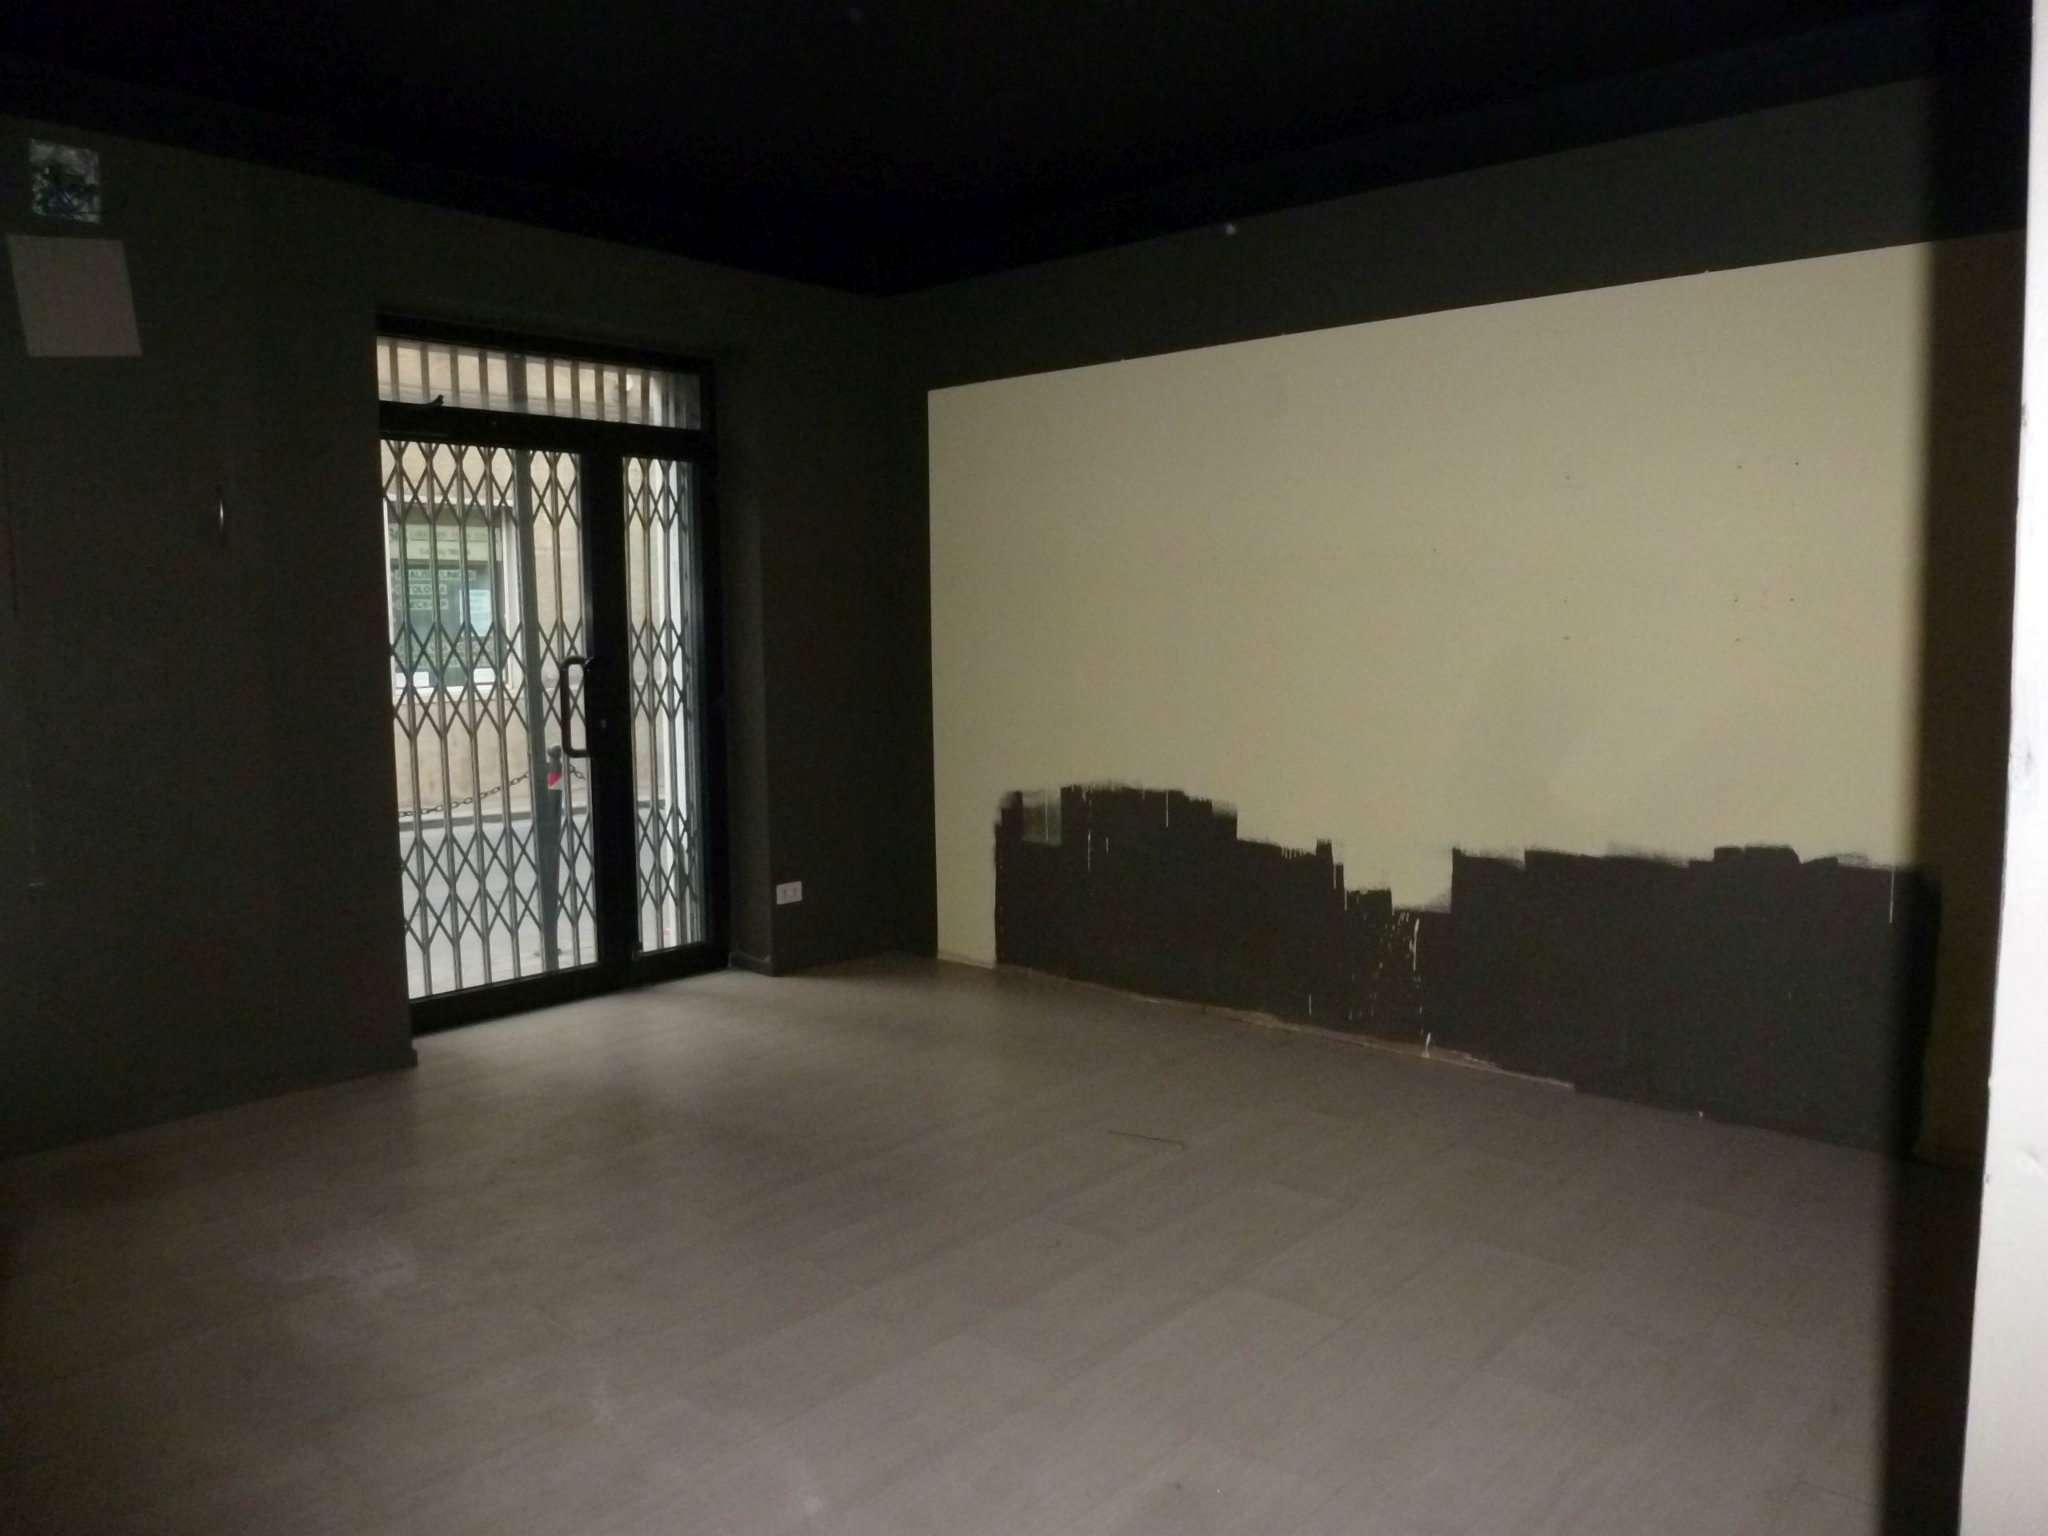 Negozio / Locale in vendita a Campomorone, 1 locali, prezzo € 80.000 | CambioCasa.it